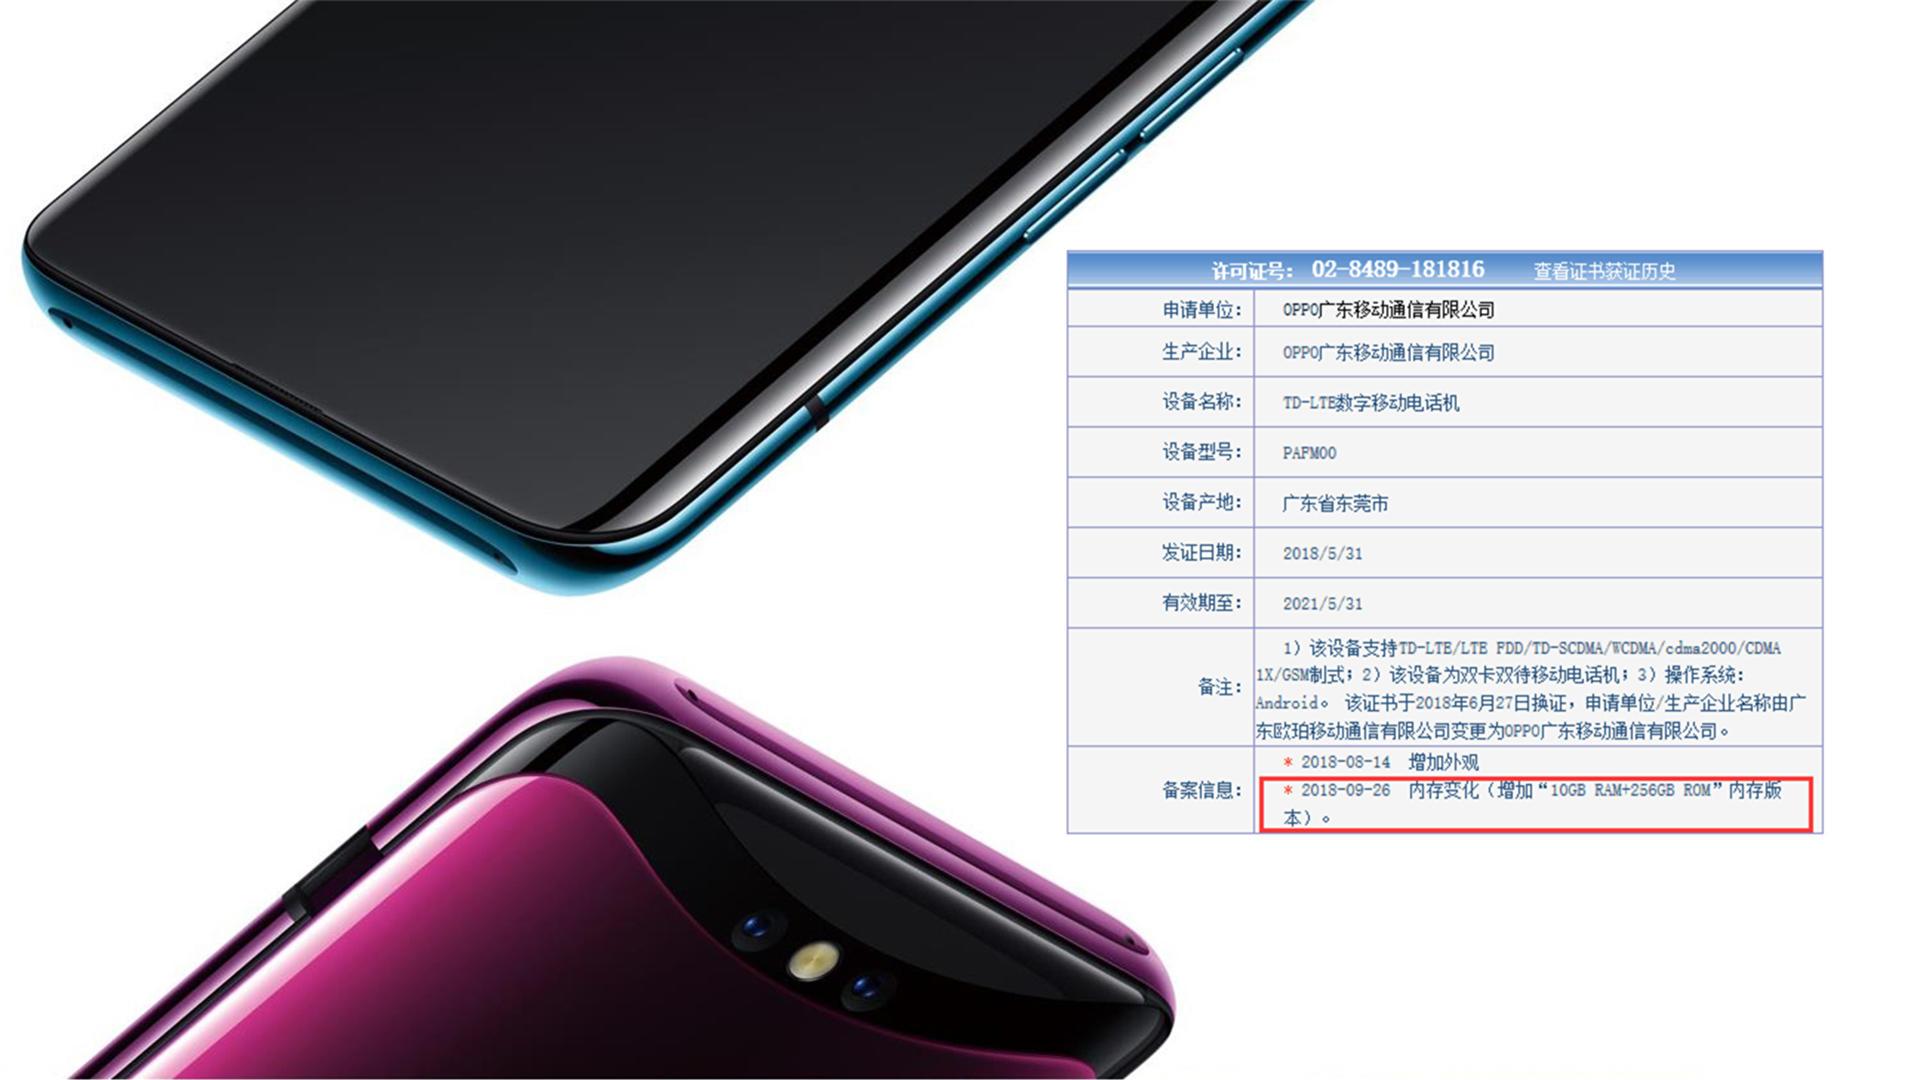 #手机数码#首款10G内存手机通过认证,手机将迎来大内存PK的时代?